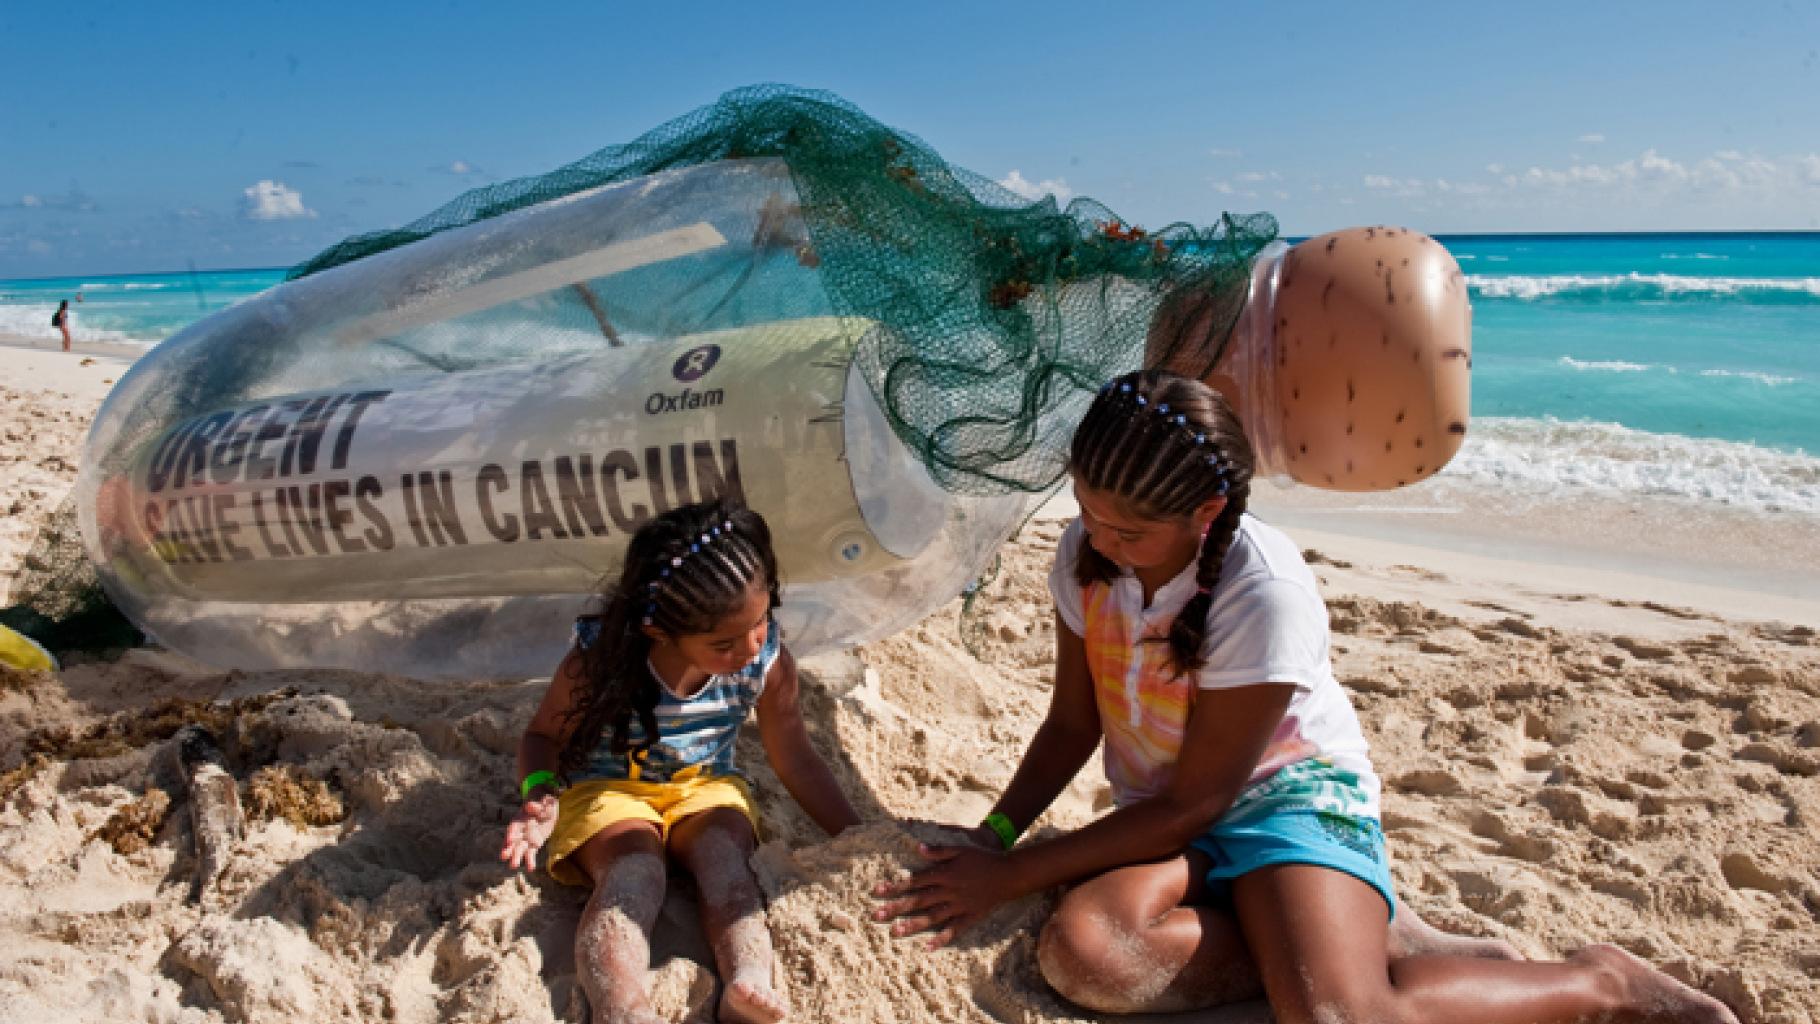 Am Strand von Cancún wird eine riesige Flaschenpost angeschwemmt